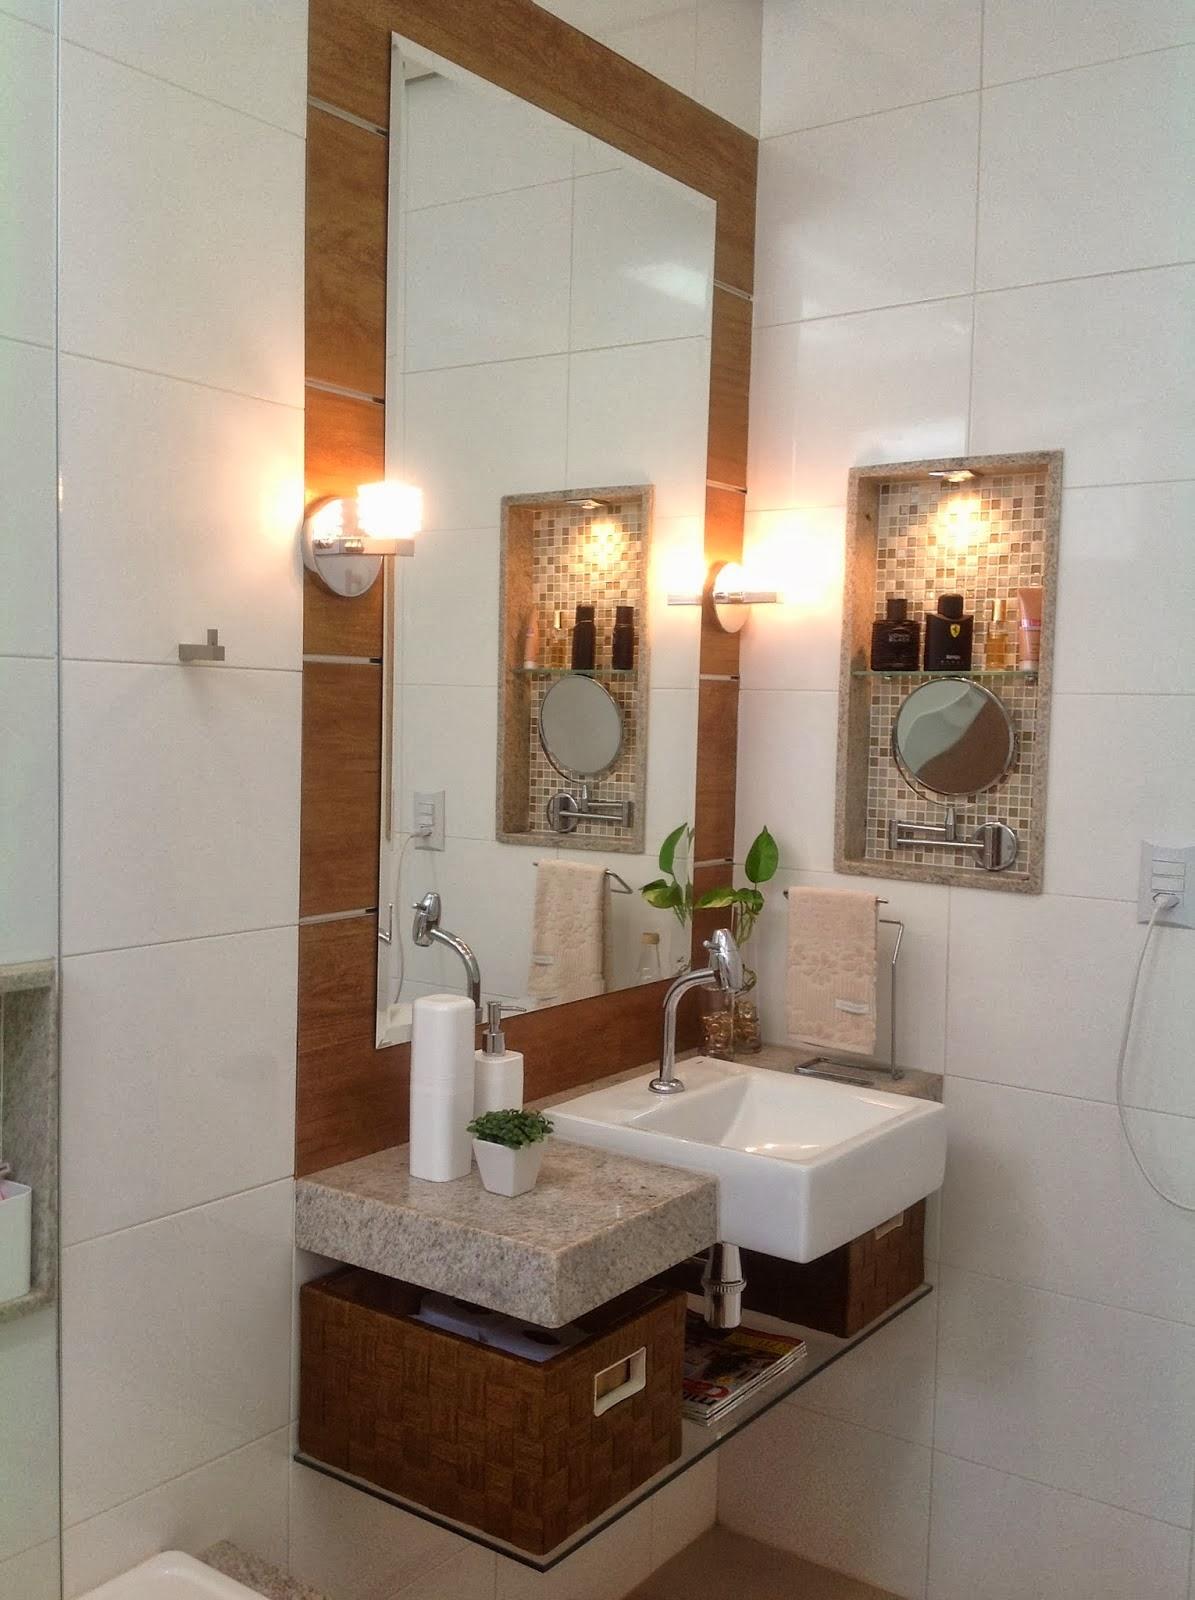 Meu Palácio de 64m² Cuba semi encaixe Ocean Pacific Incepa -> Cuba Para Banheiro Acessivel